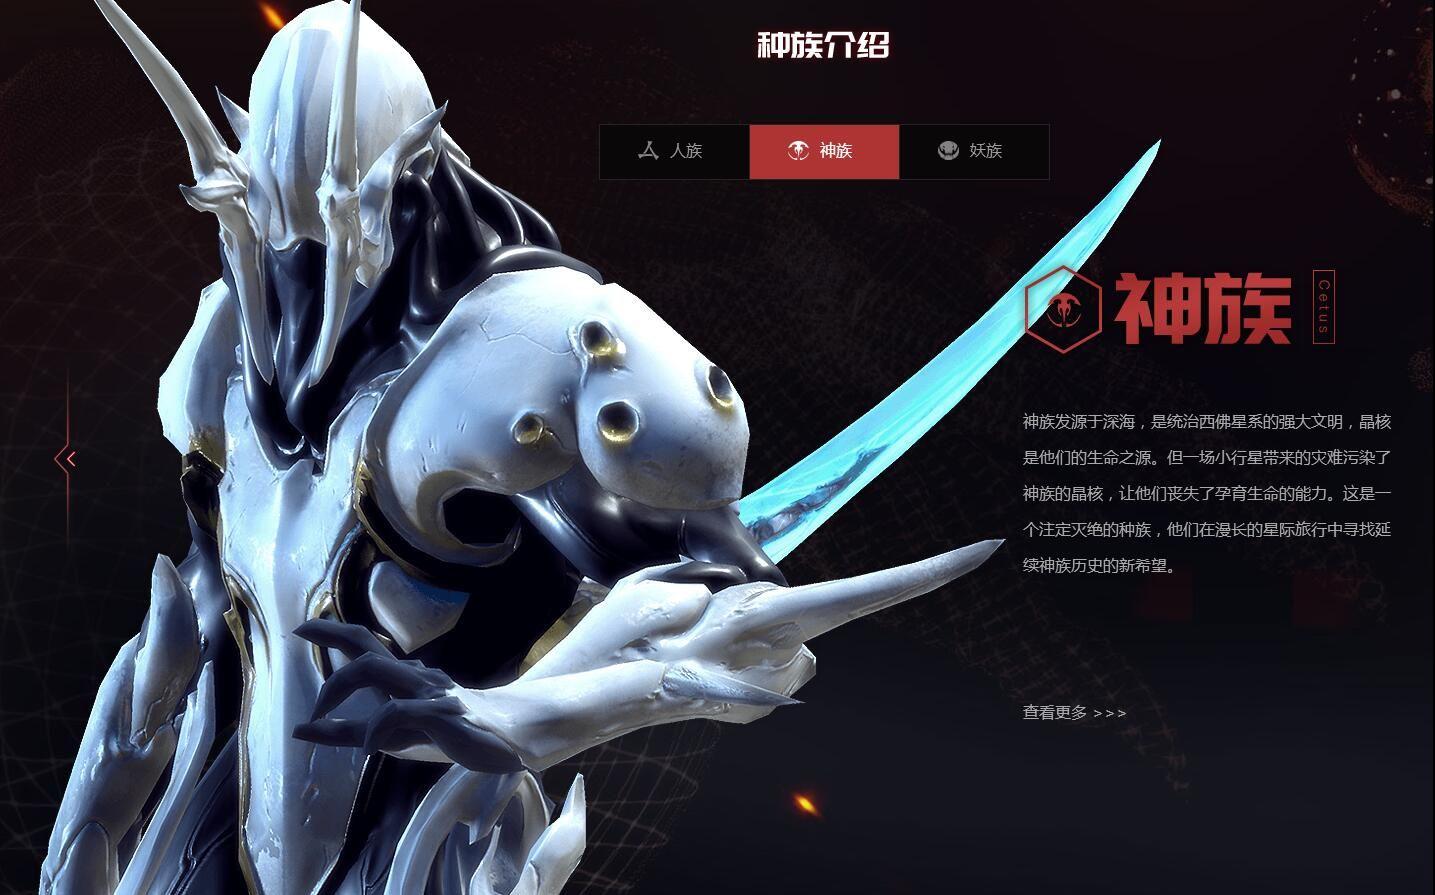 战争艺术:赤潮 神族电蛟速推流